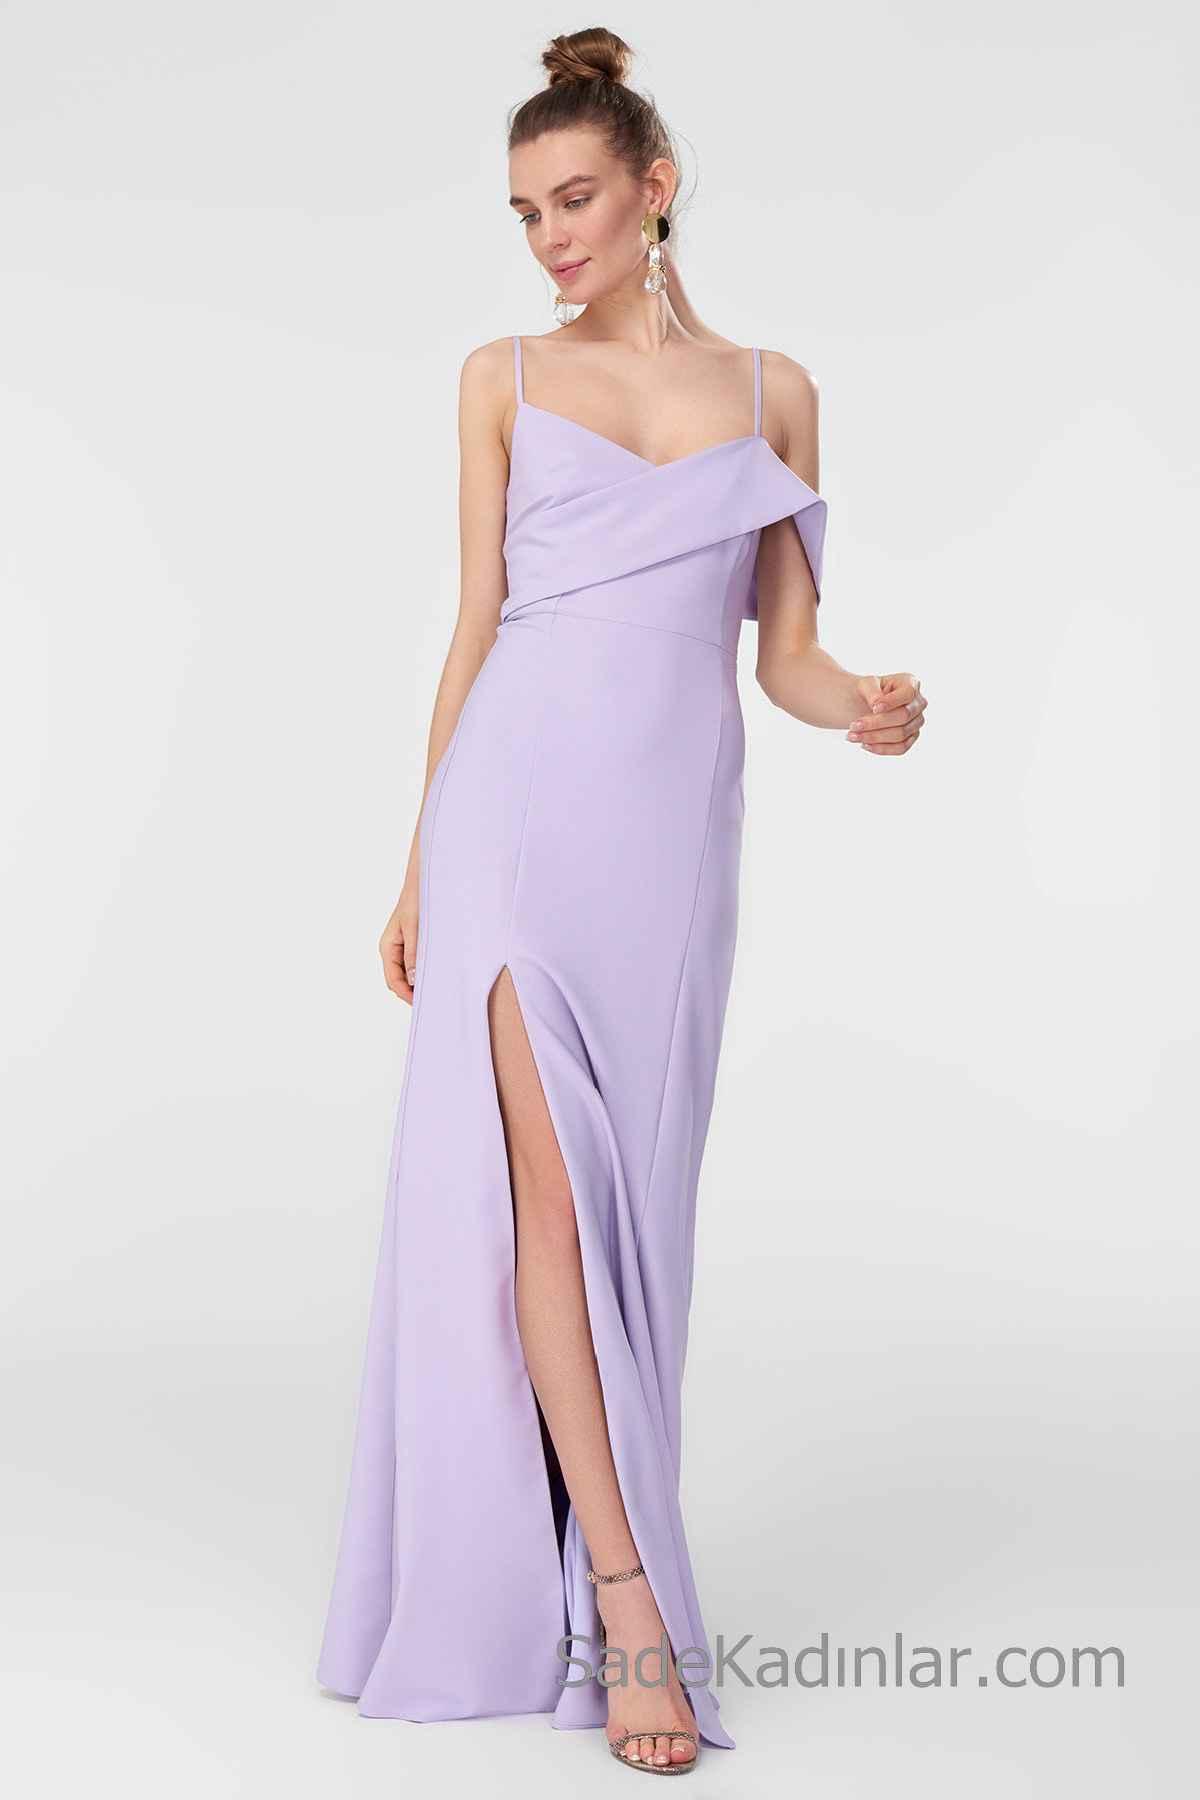 2020 Uzun Abiye Modelleri Lila Uzun İp Askılı Önden Yırtmaçlı